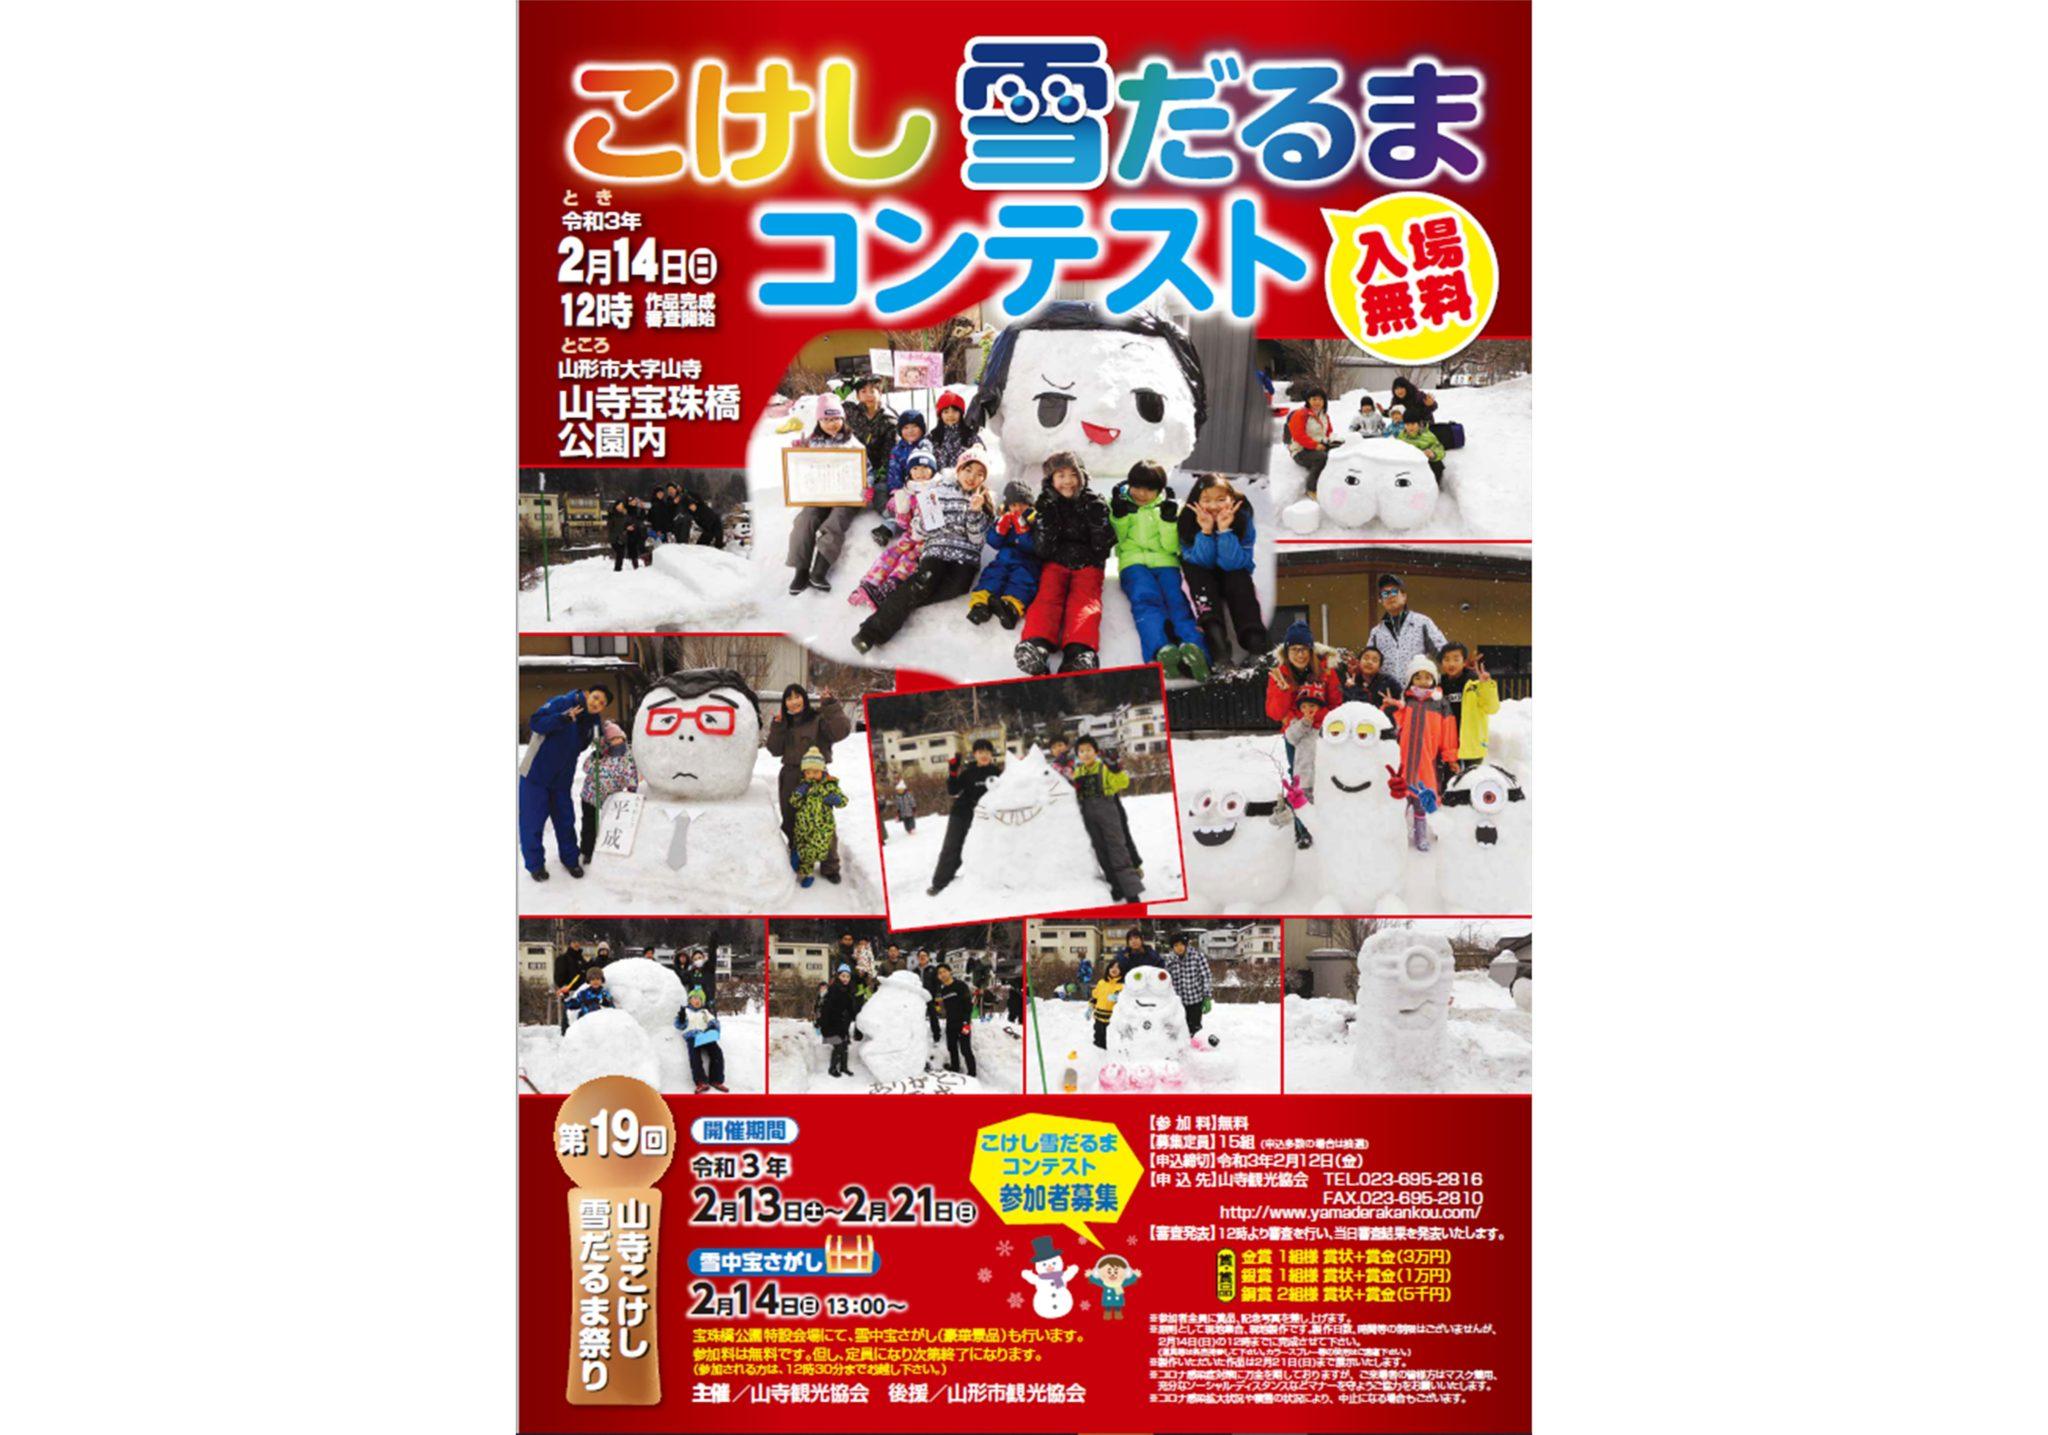 山寺こけし雪だるま祭り(こけし雪だるまコンテスト)